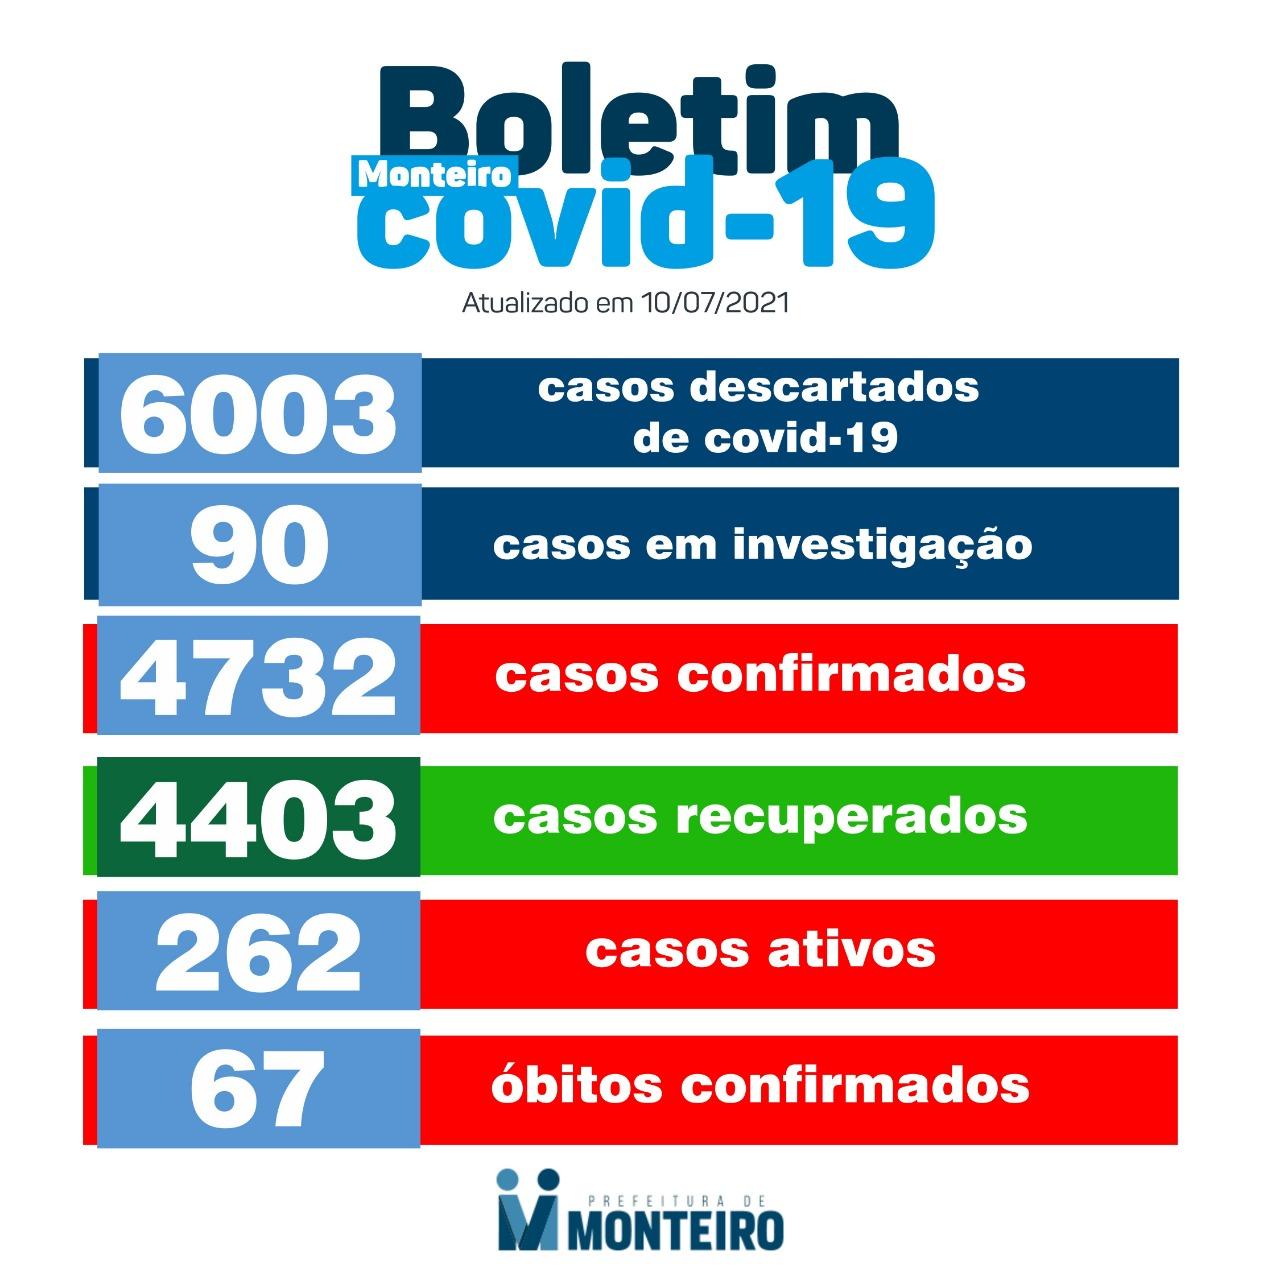 1007-2 Secretaria de Saúde de Monteiro divulga boletim oficial sobre Covid-19 deste sábado